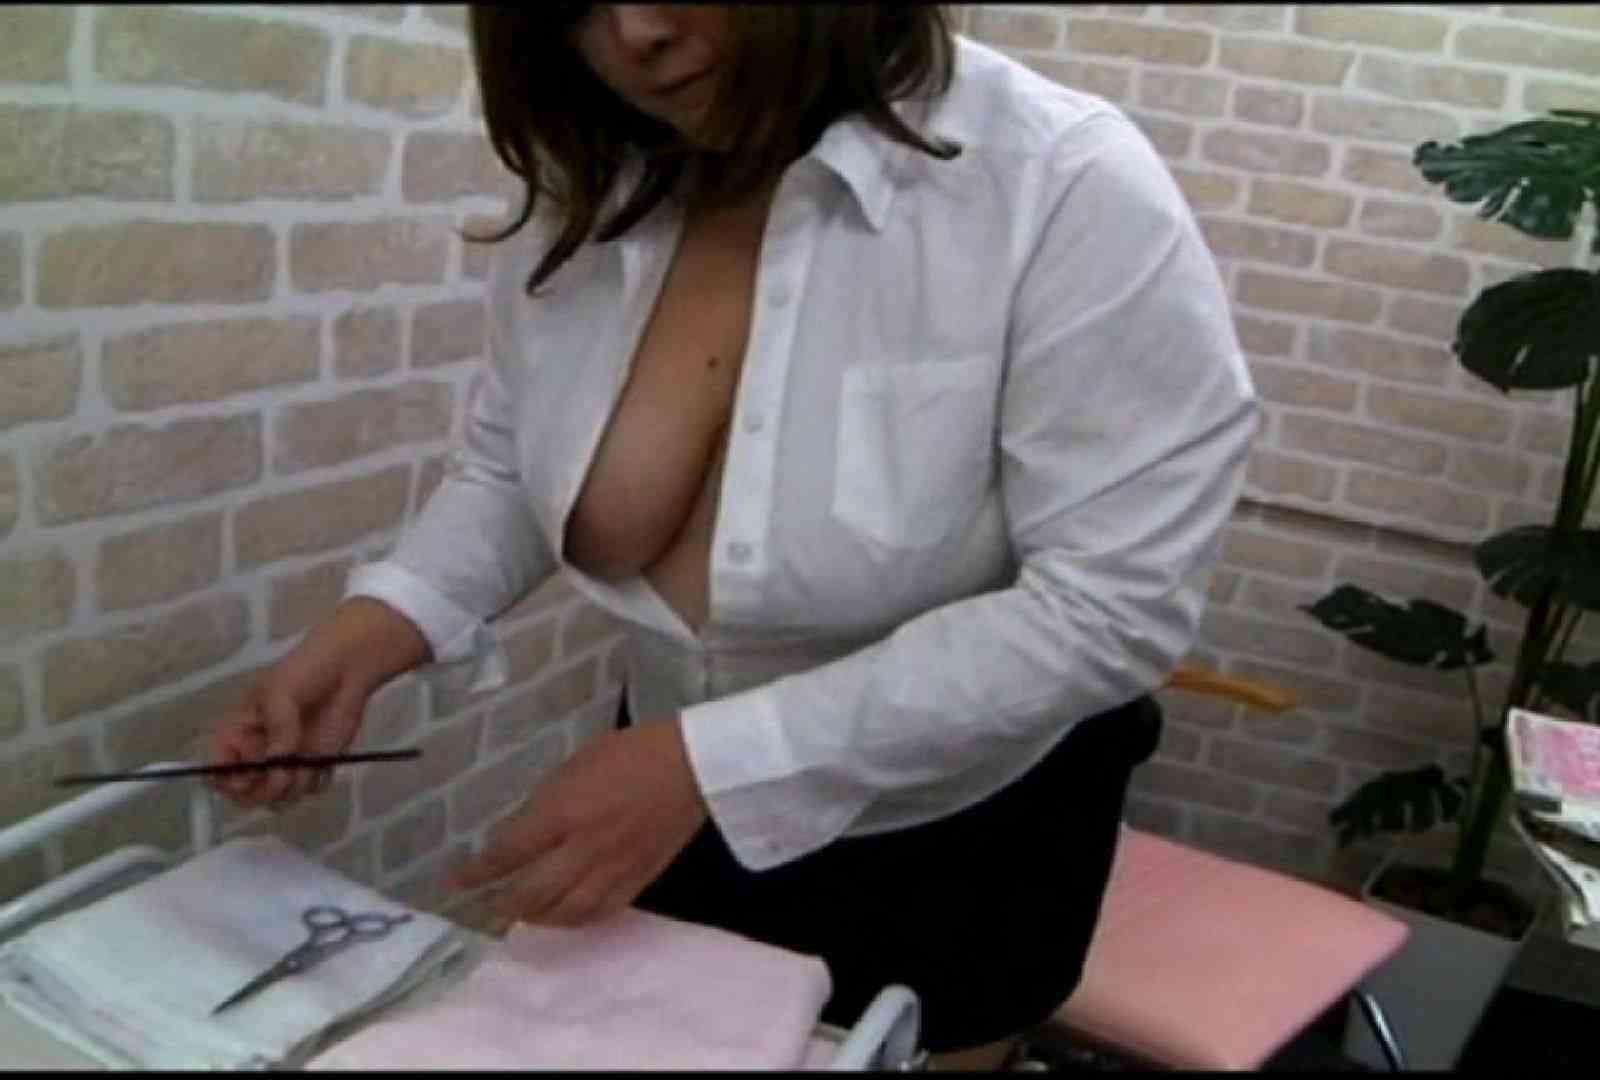 いきつけの美容院はノーブラ営業中!Vol.3 チラ オマンコ無修正動画無料 82画像 59